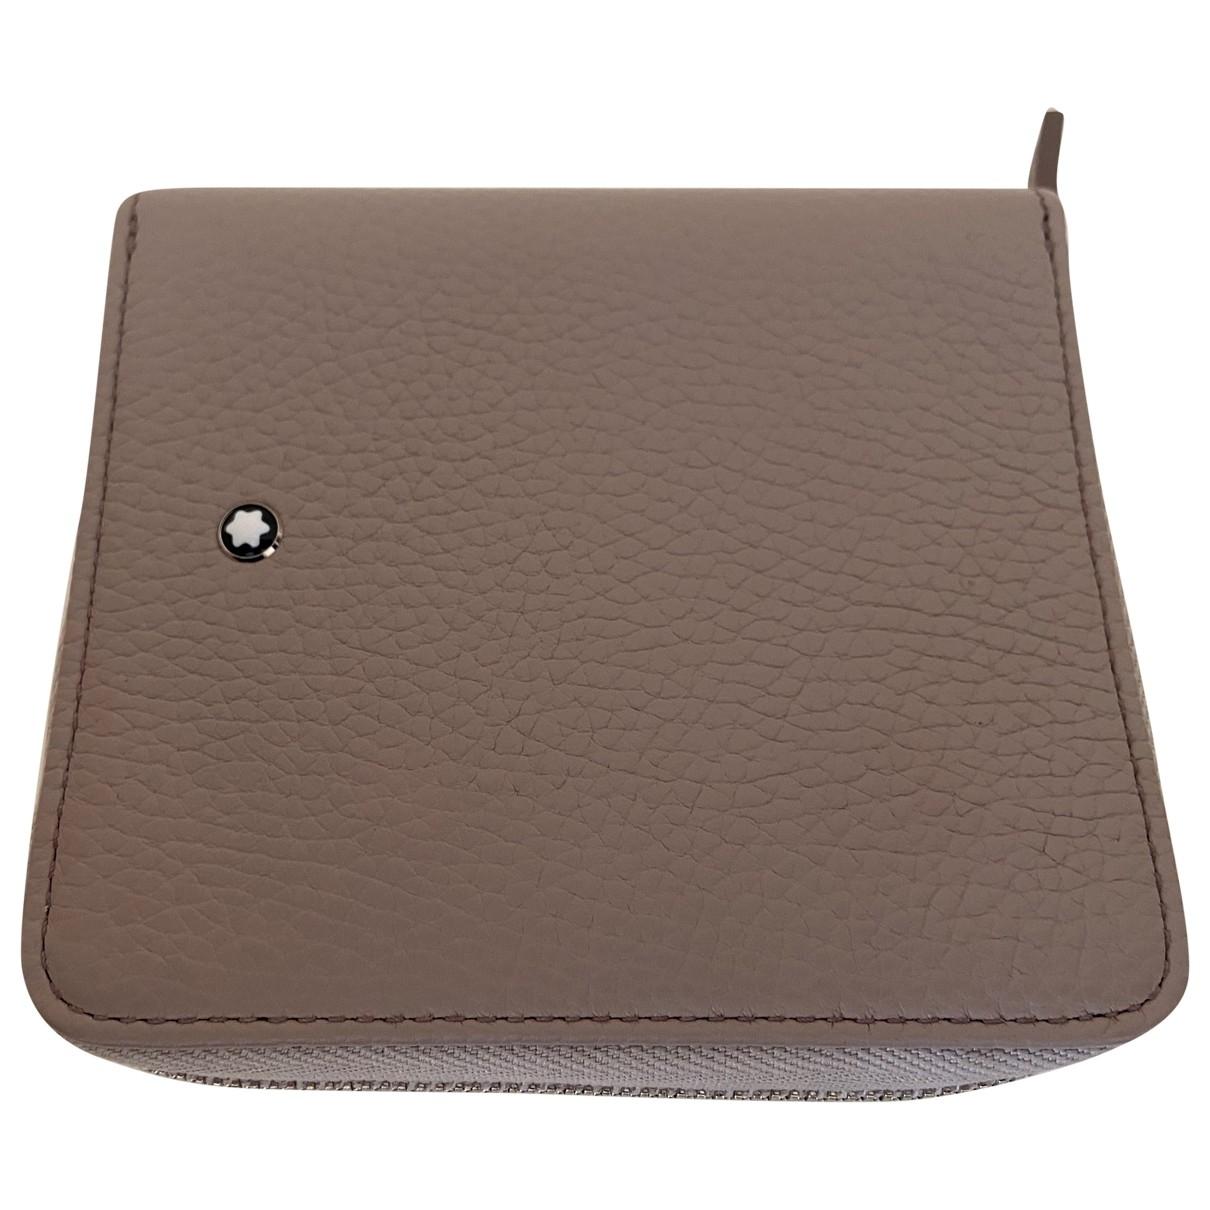 Montblanc - Portefeuille   pour femme en cuir - beige